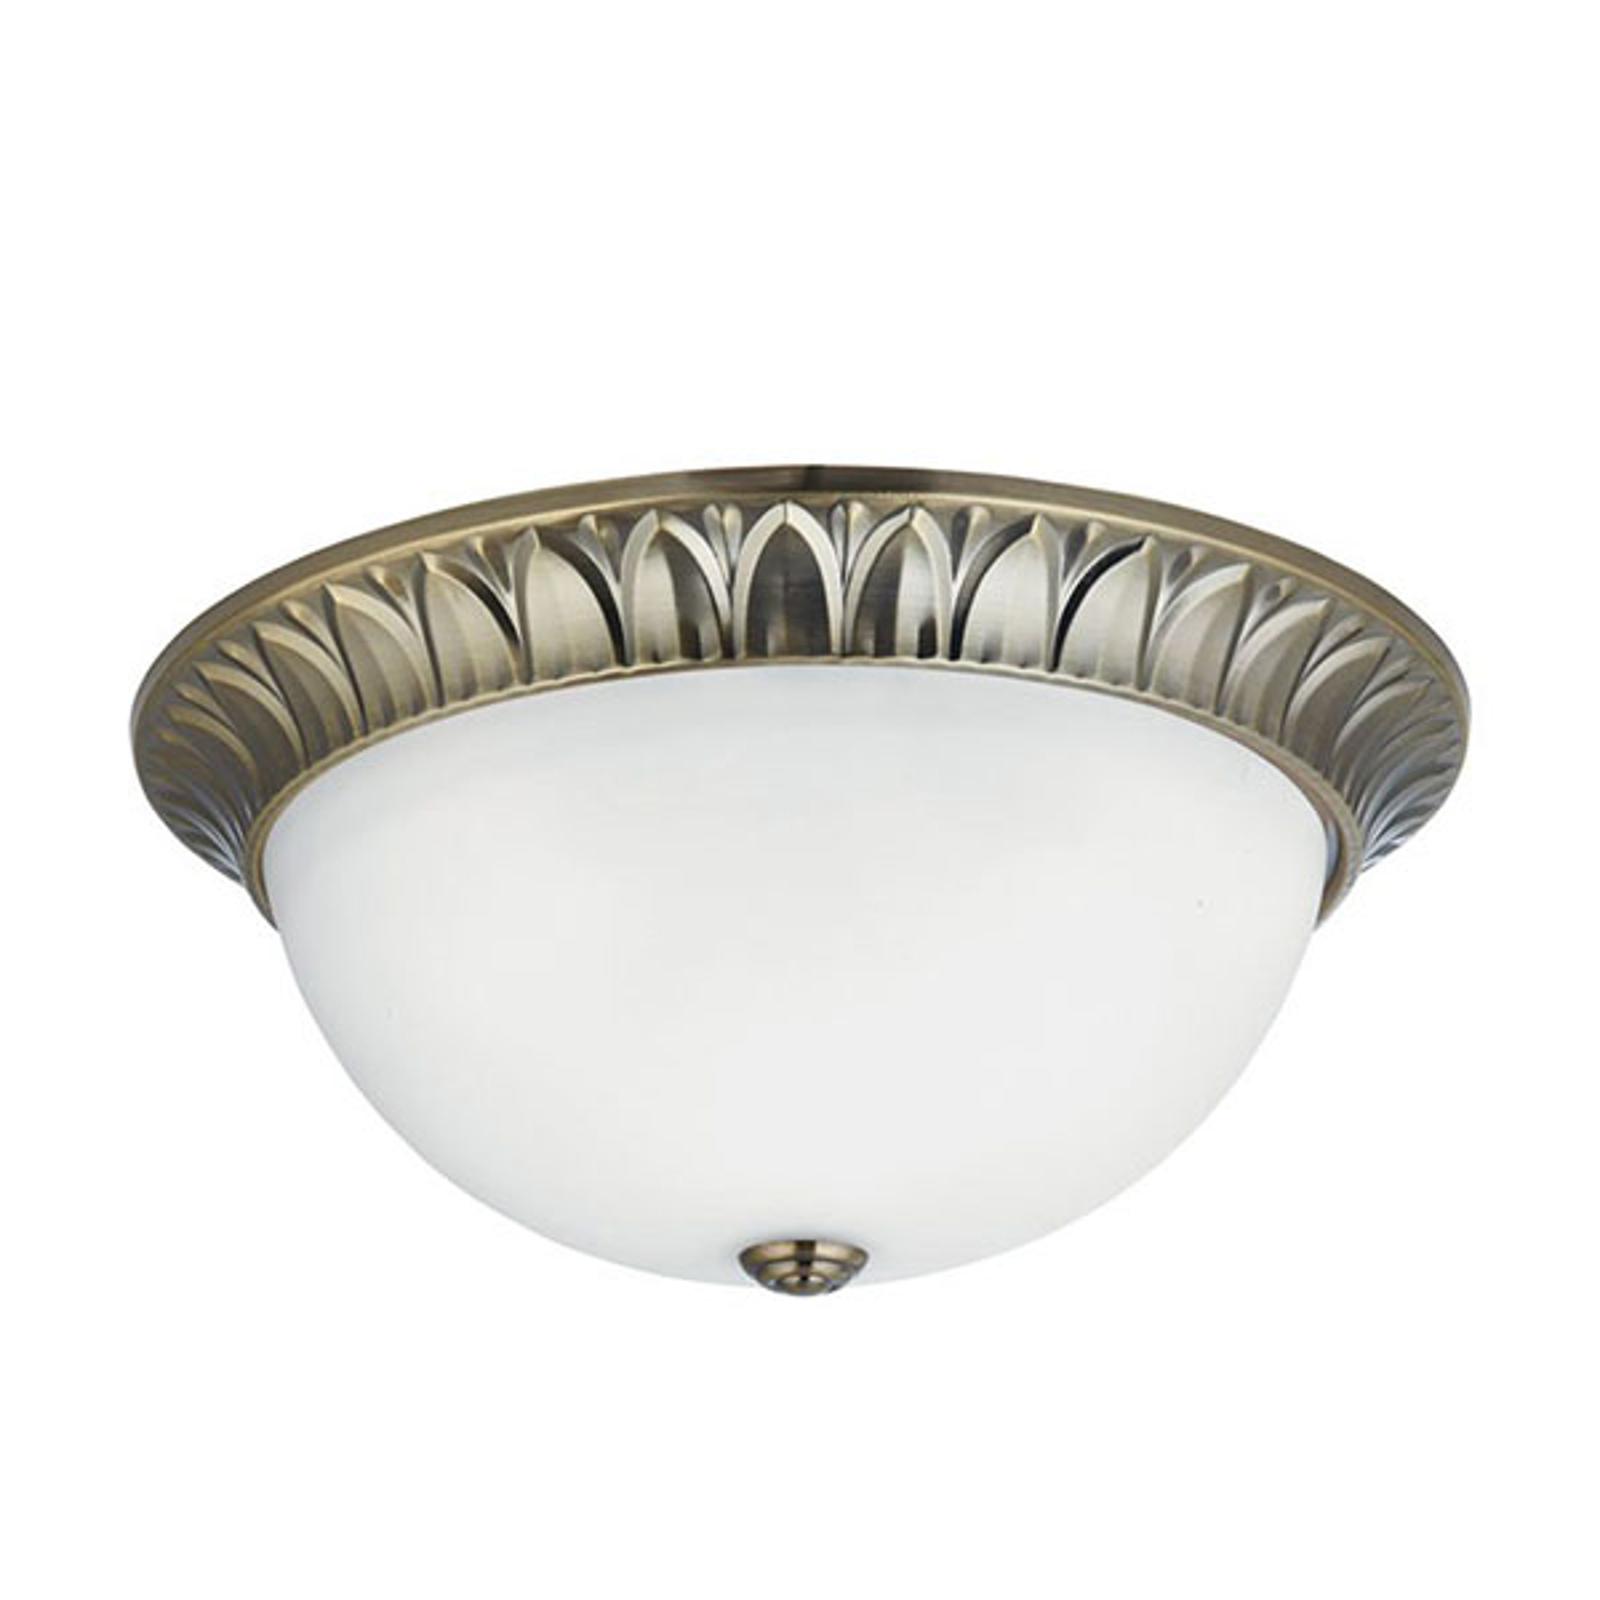 Szklana lampa sufitowa Flush mosiądz antyk, Ø 38cm